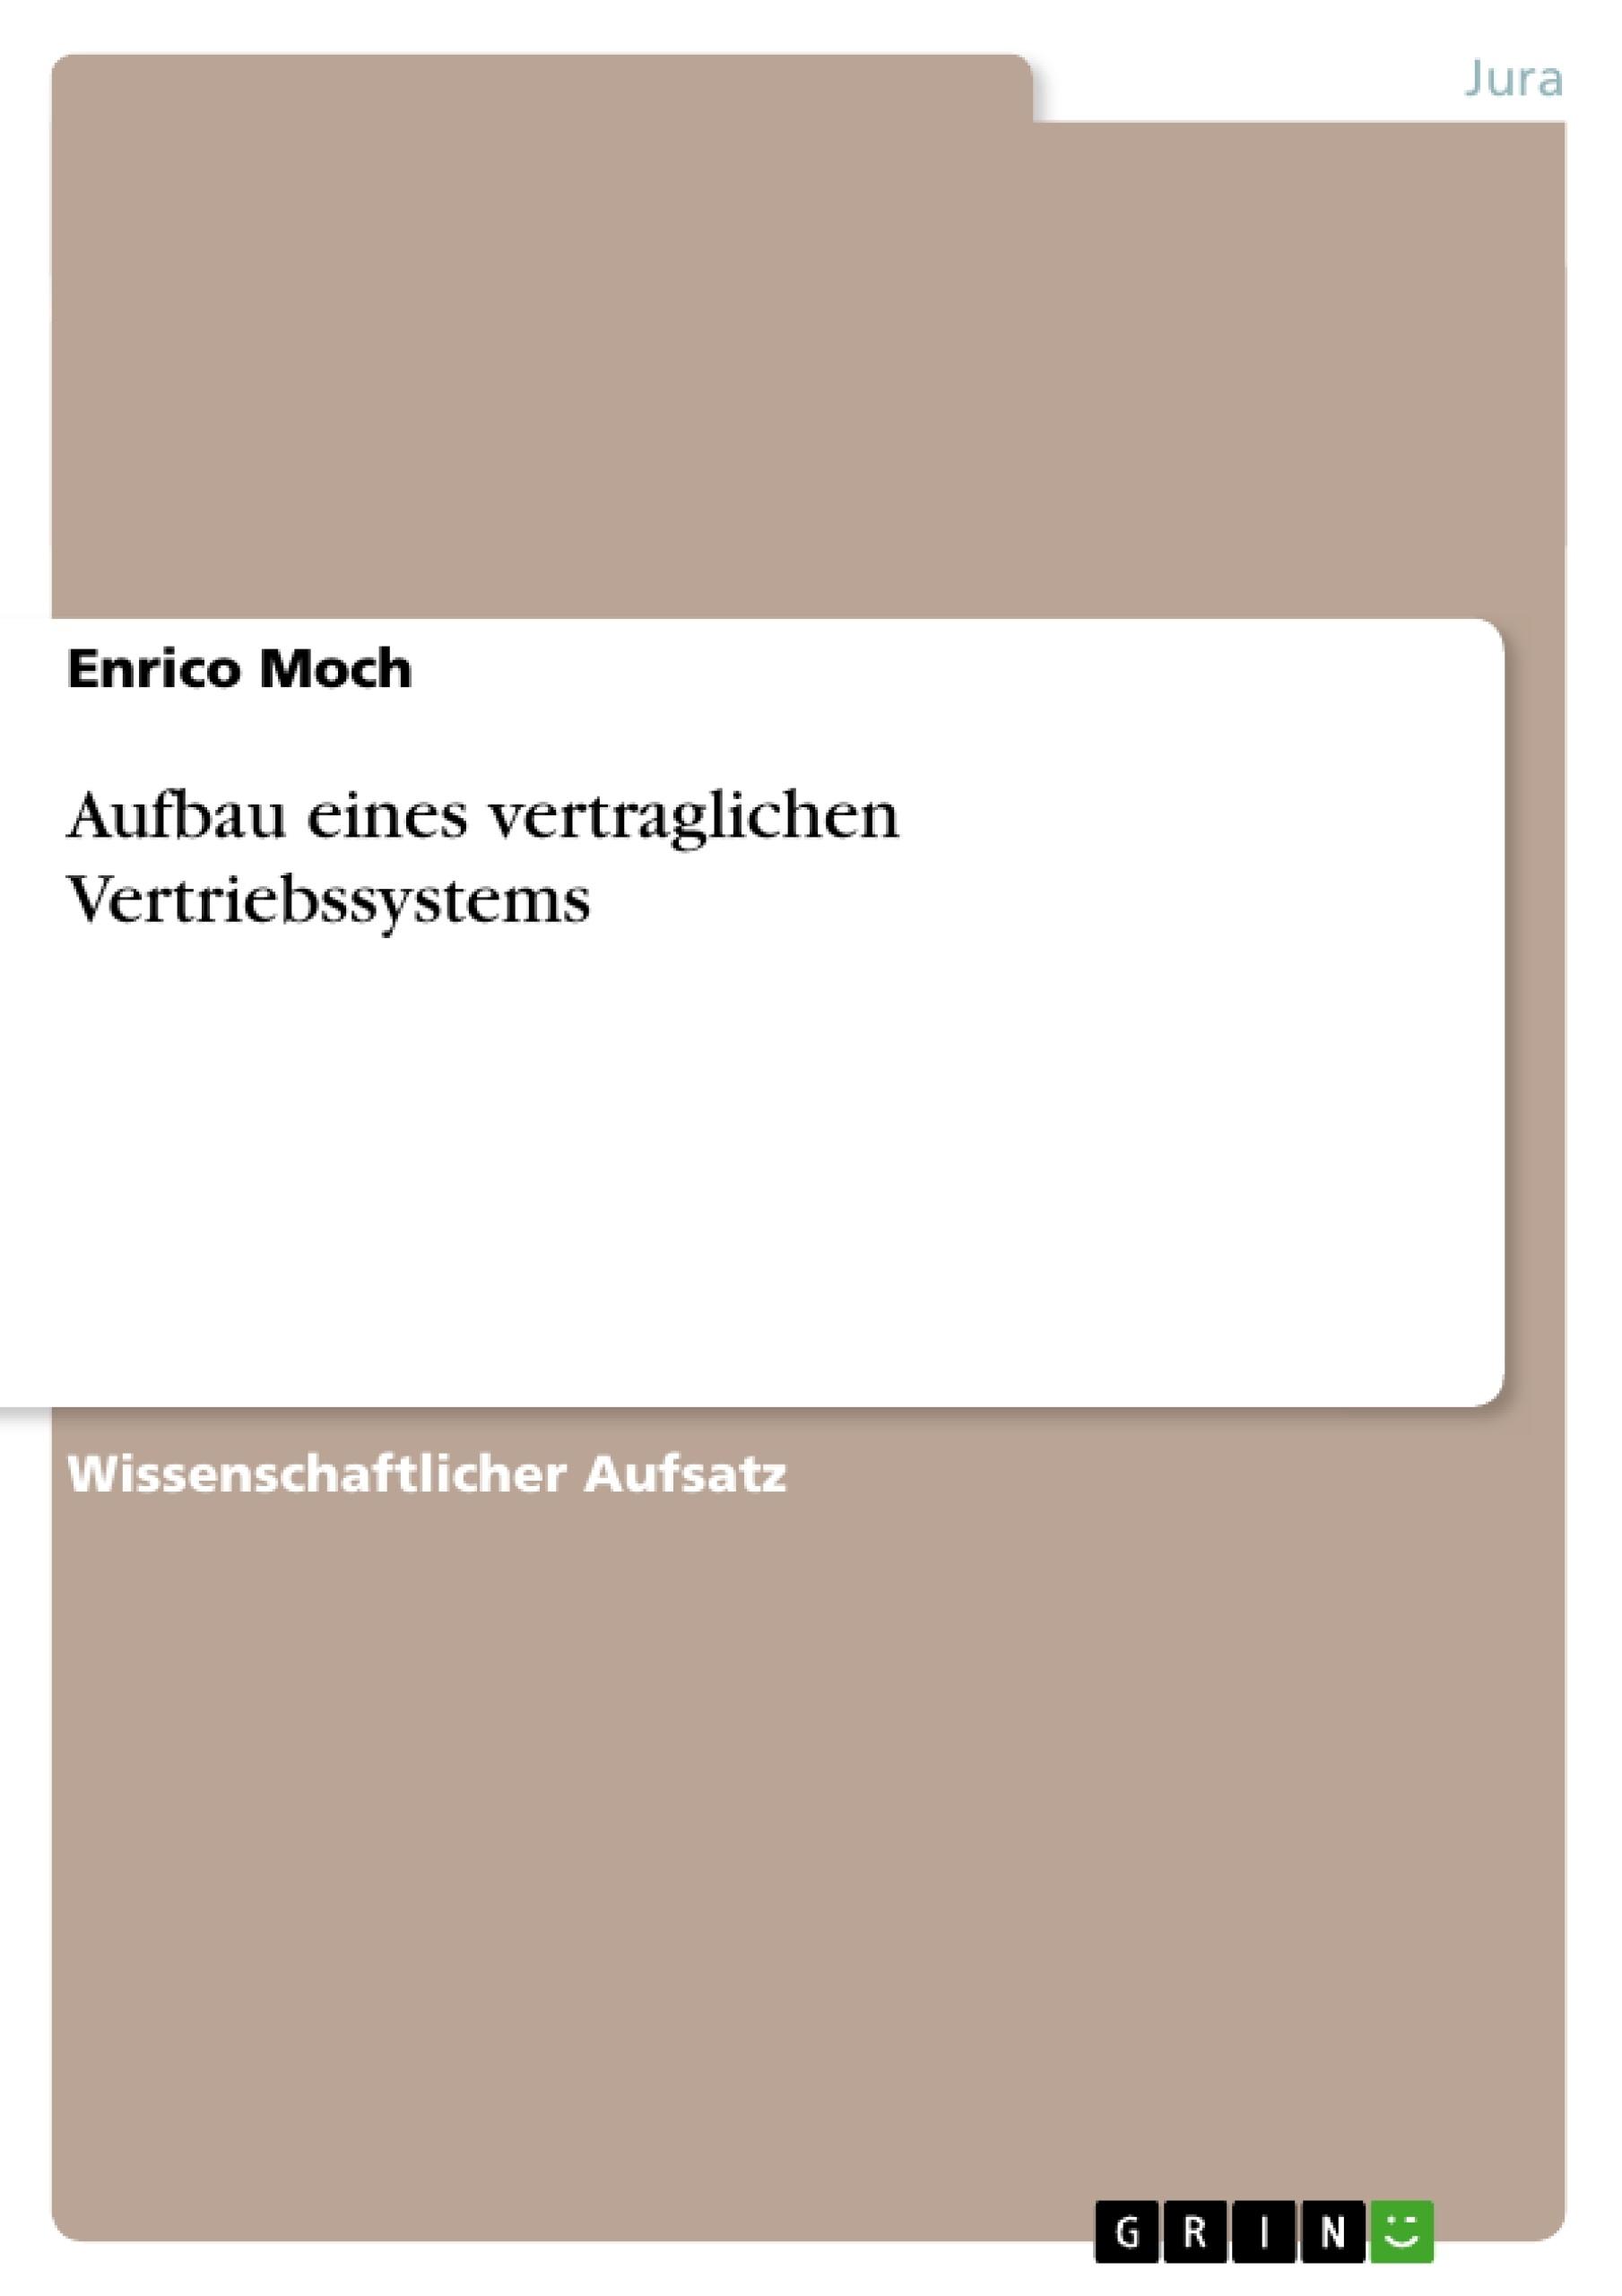 Titel: Aufbau eines vertraglichen Vertriebssystems